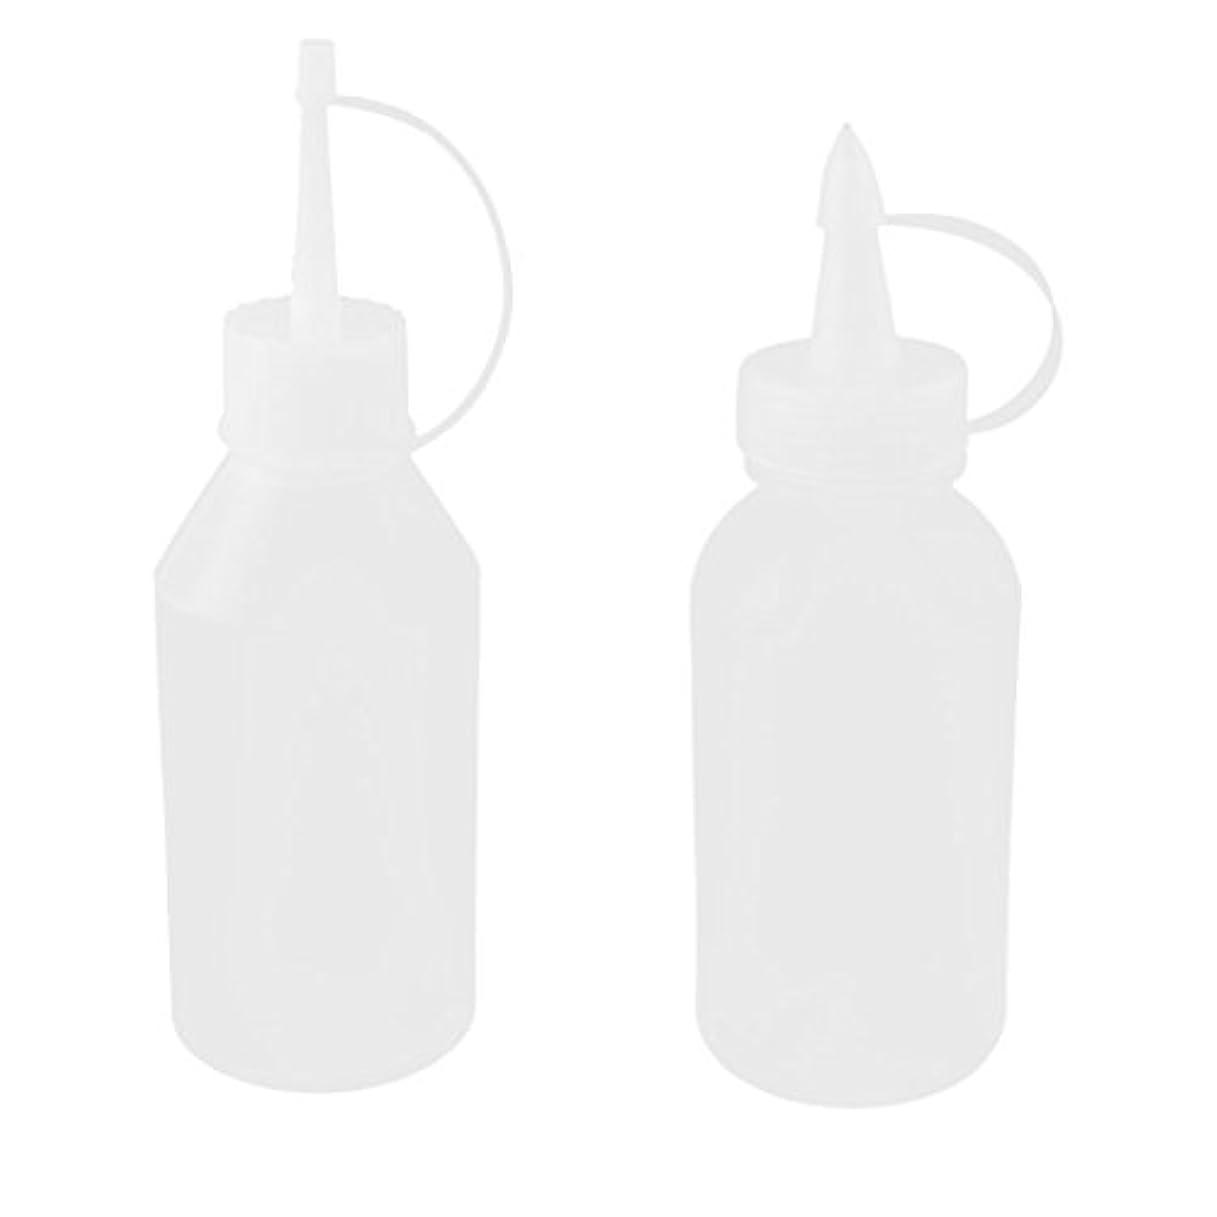 革命不忠航海のuxcell オイルボトル 油差し プラスチック 100ml ホワイト クリア 2個